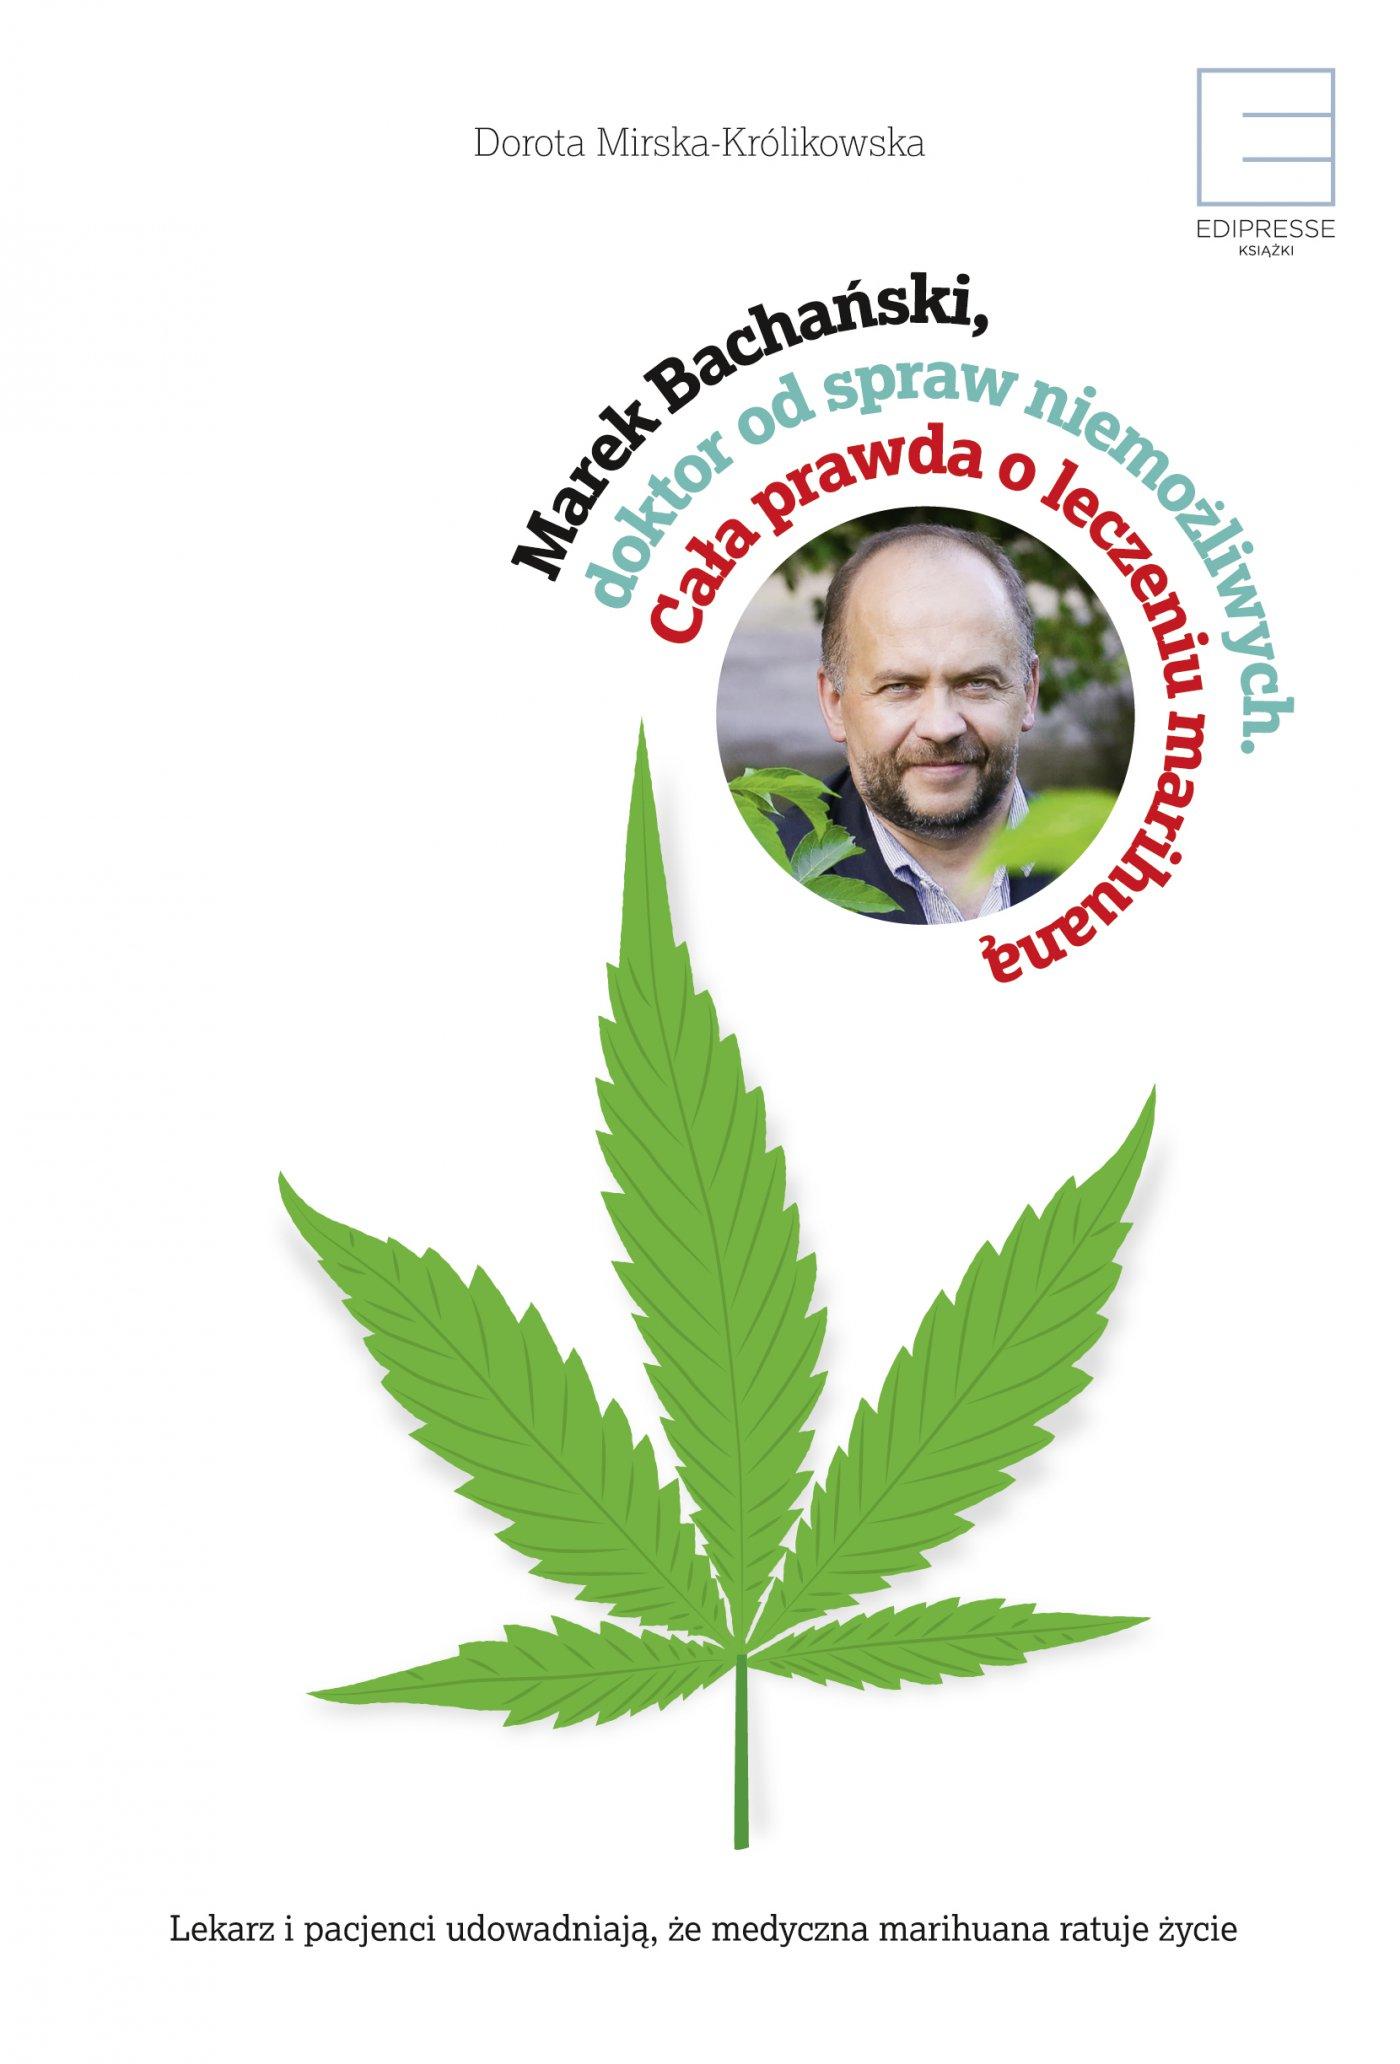 Marek Bachański, doktor od spraw niemożliwych. Cała prawda o leczeniu medyczną marihuaną. - Ebook (Książka EPUB) do pobrania w formacie EPUB